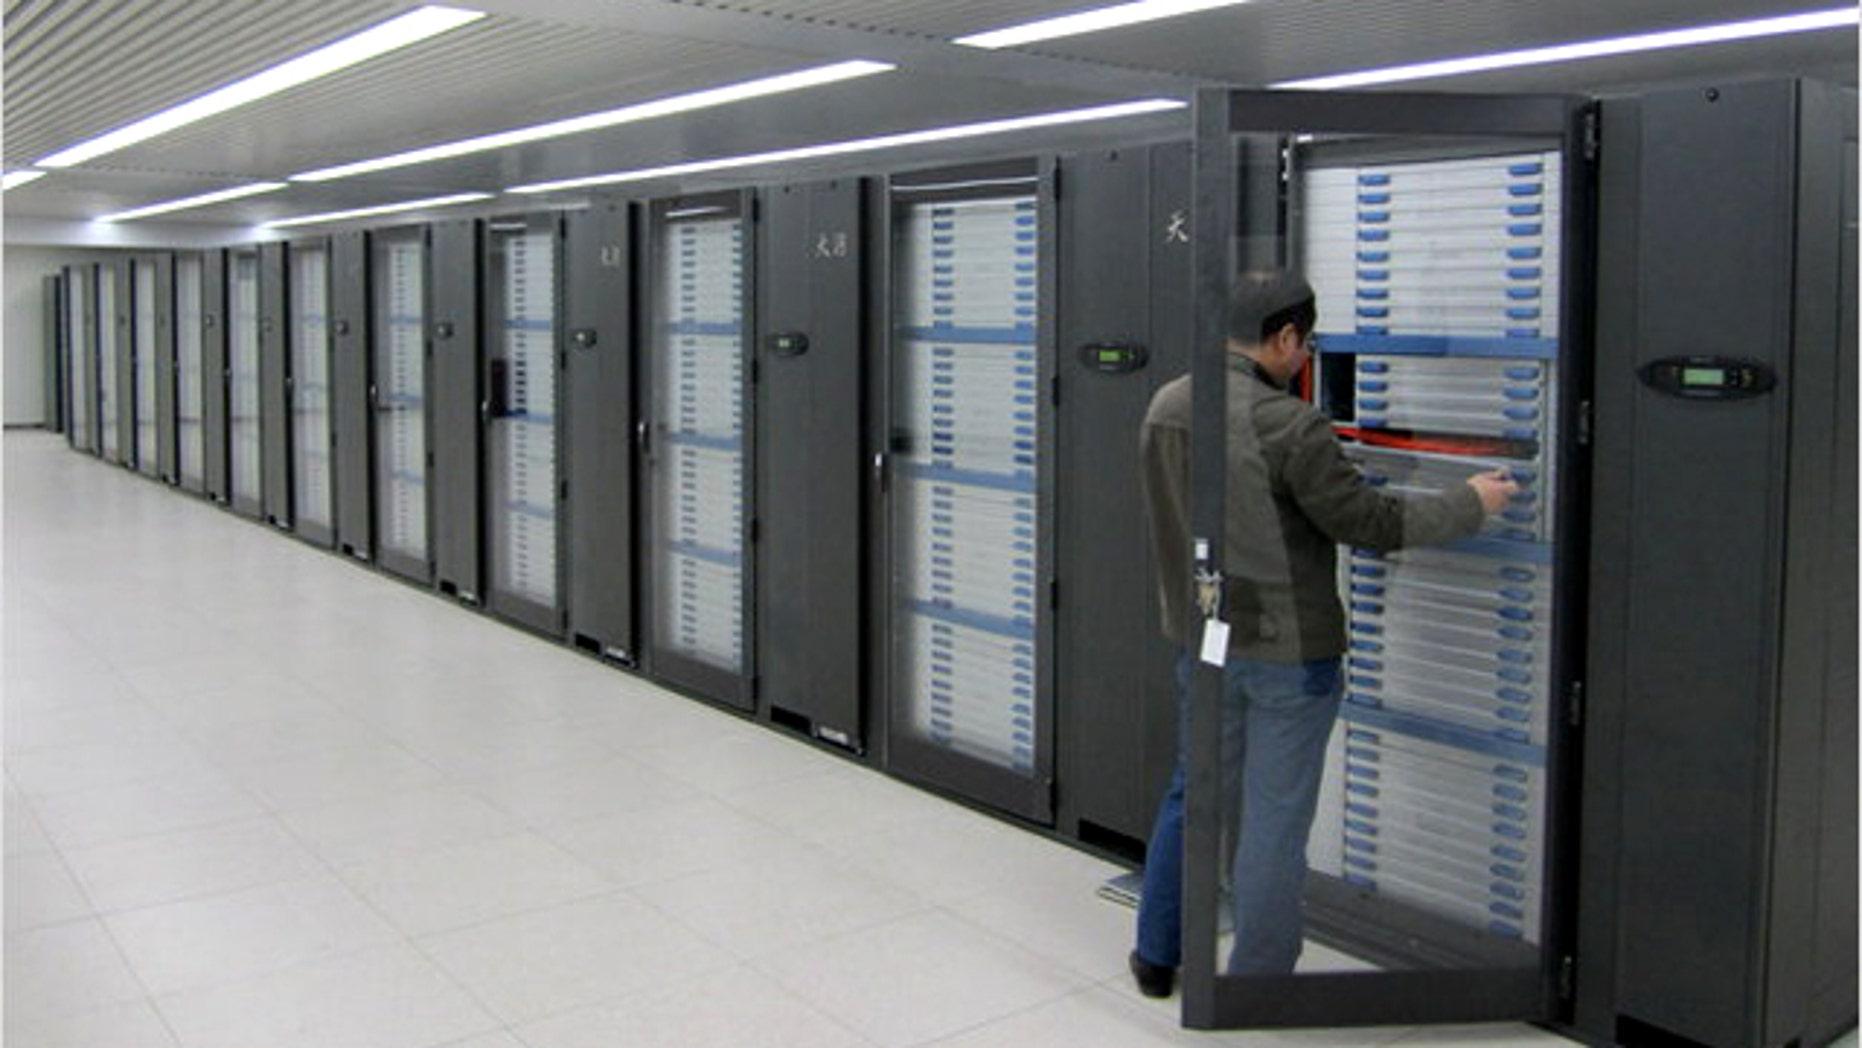 Big blue supercomputer